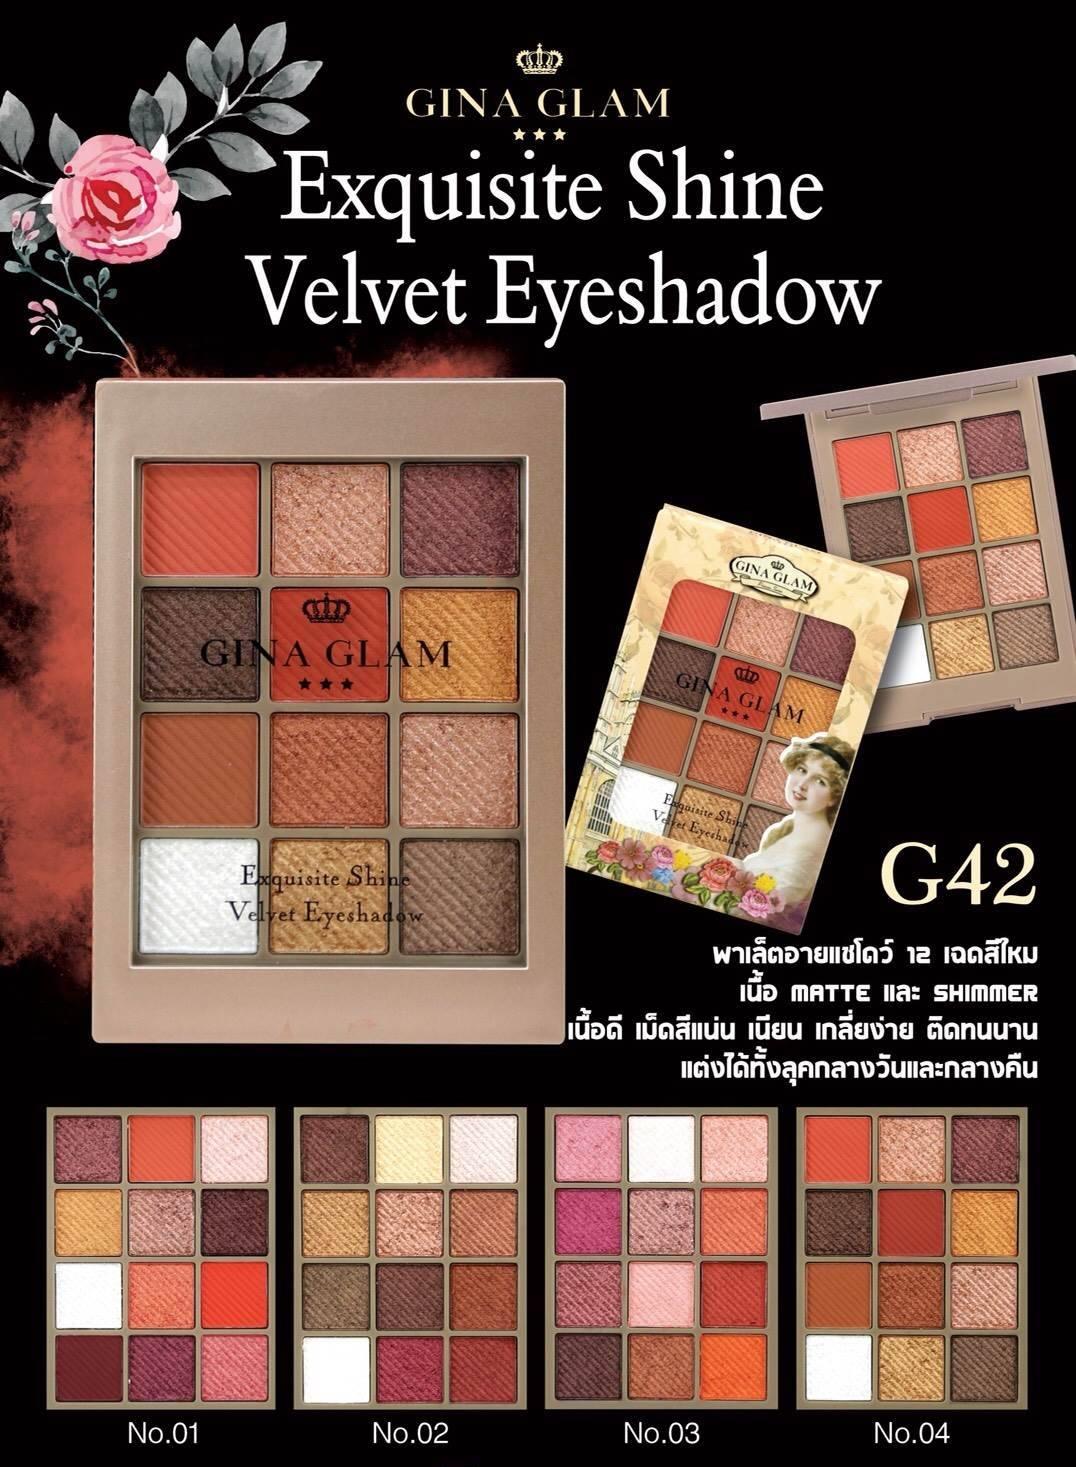 Gina glam exquisite shine velvet eyeshadow G42  ทาตาอายแชโดว์เนื้อมุขละเอียดนุ่มๆ 9 สีสัน